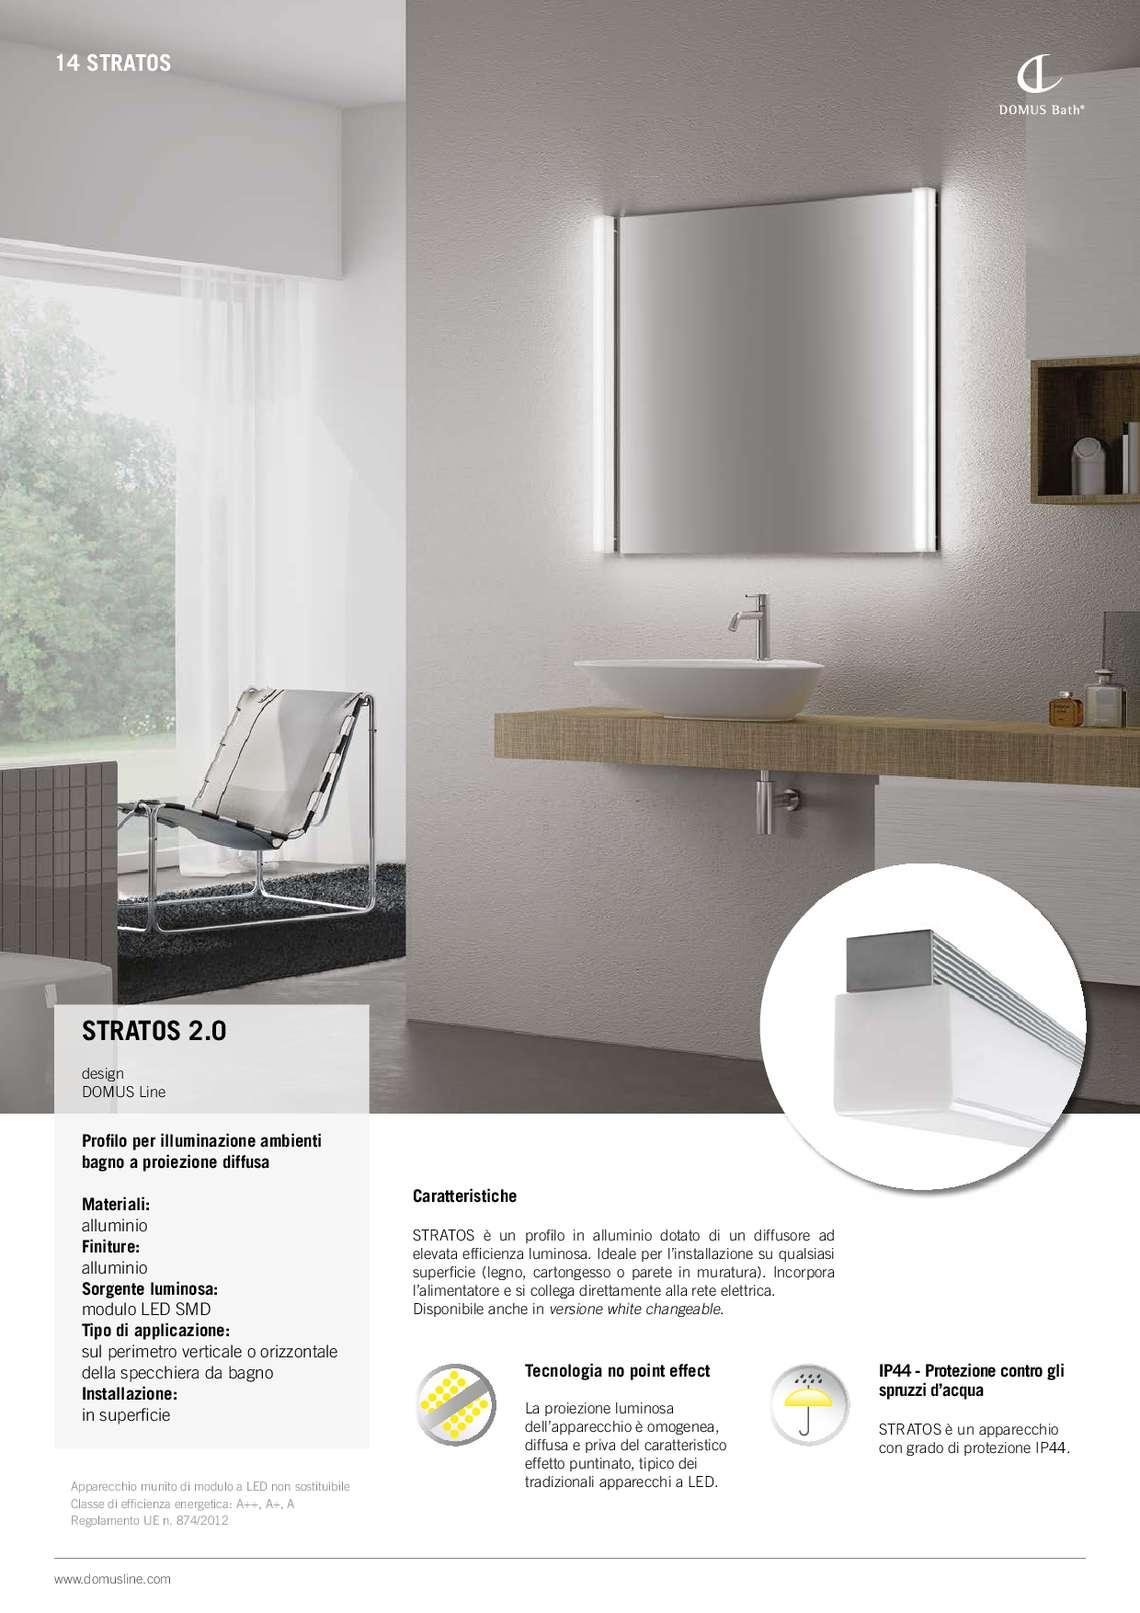 domus-line-bath_24_014.jpg